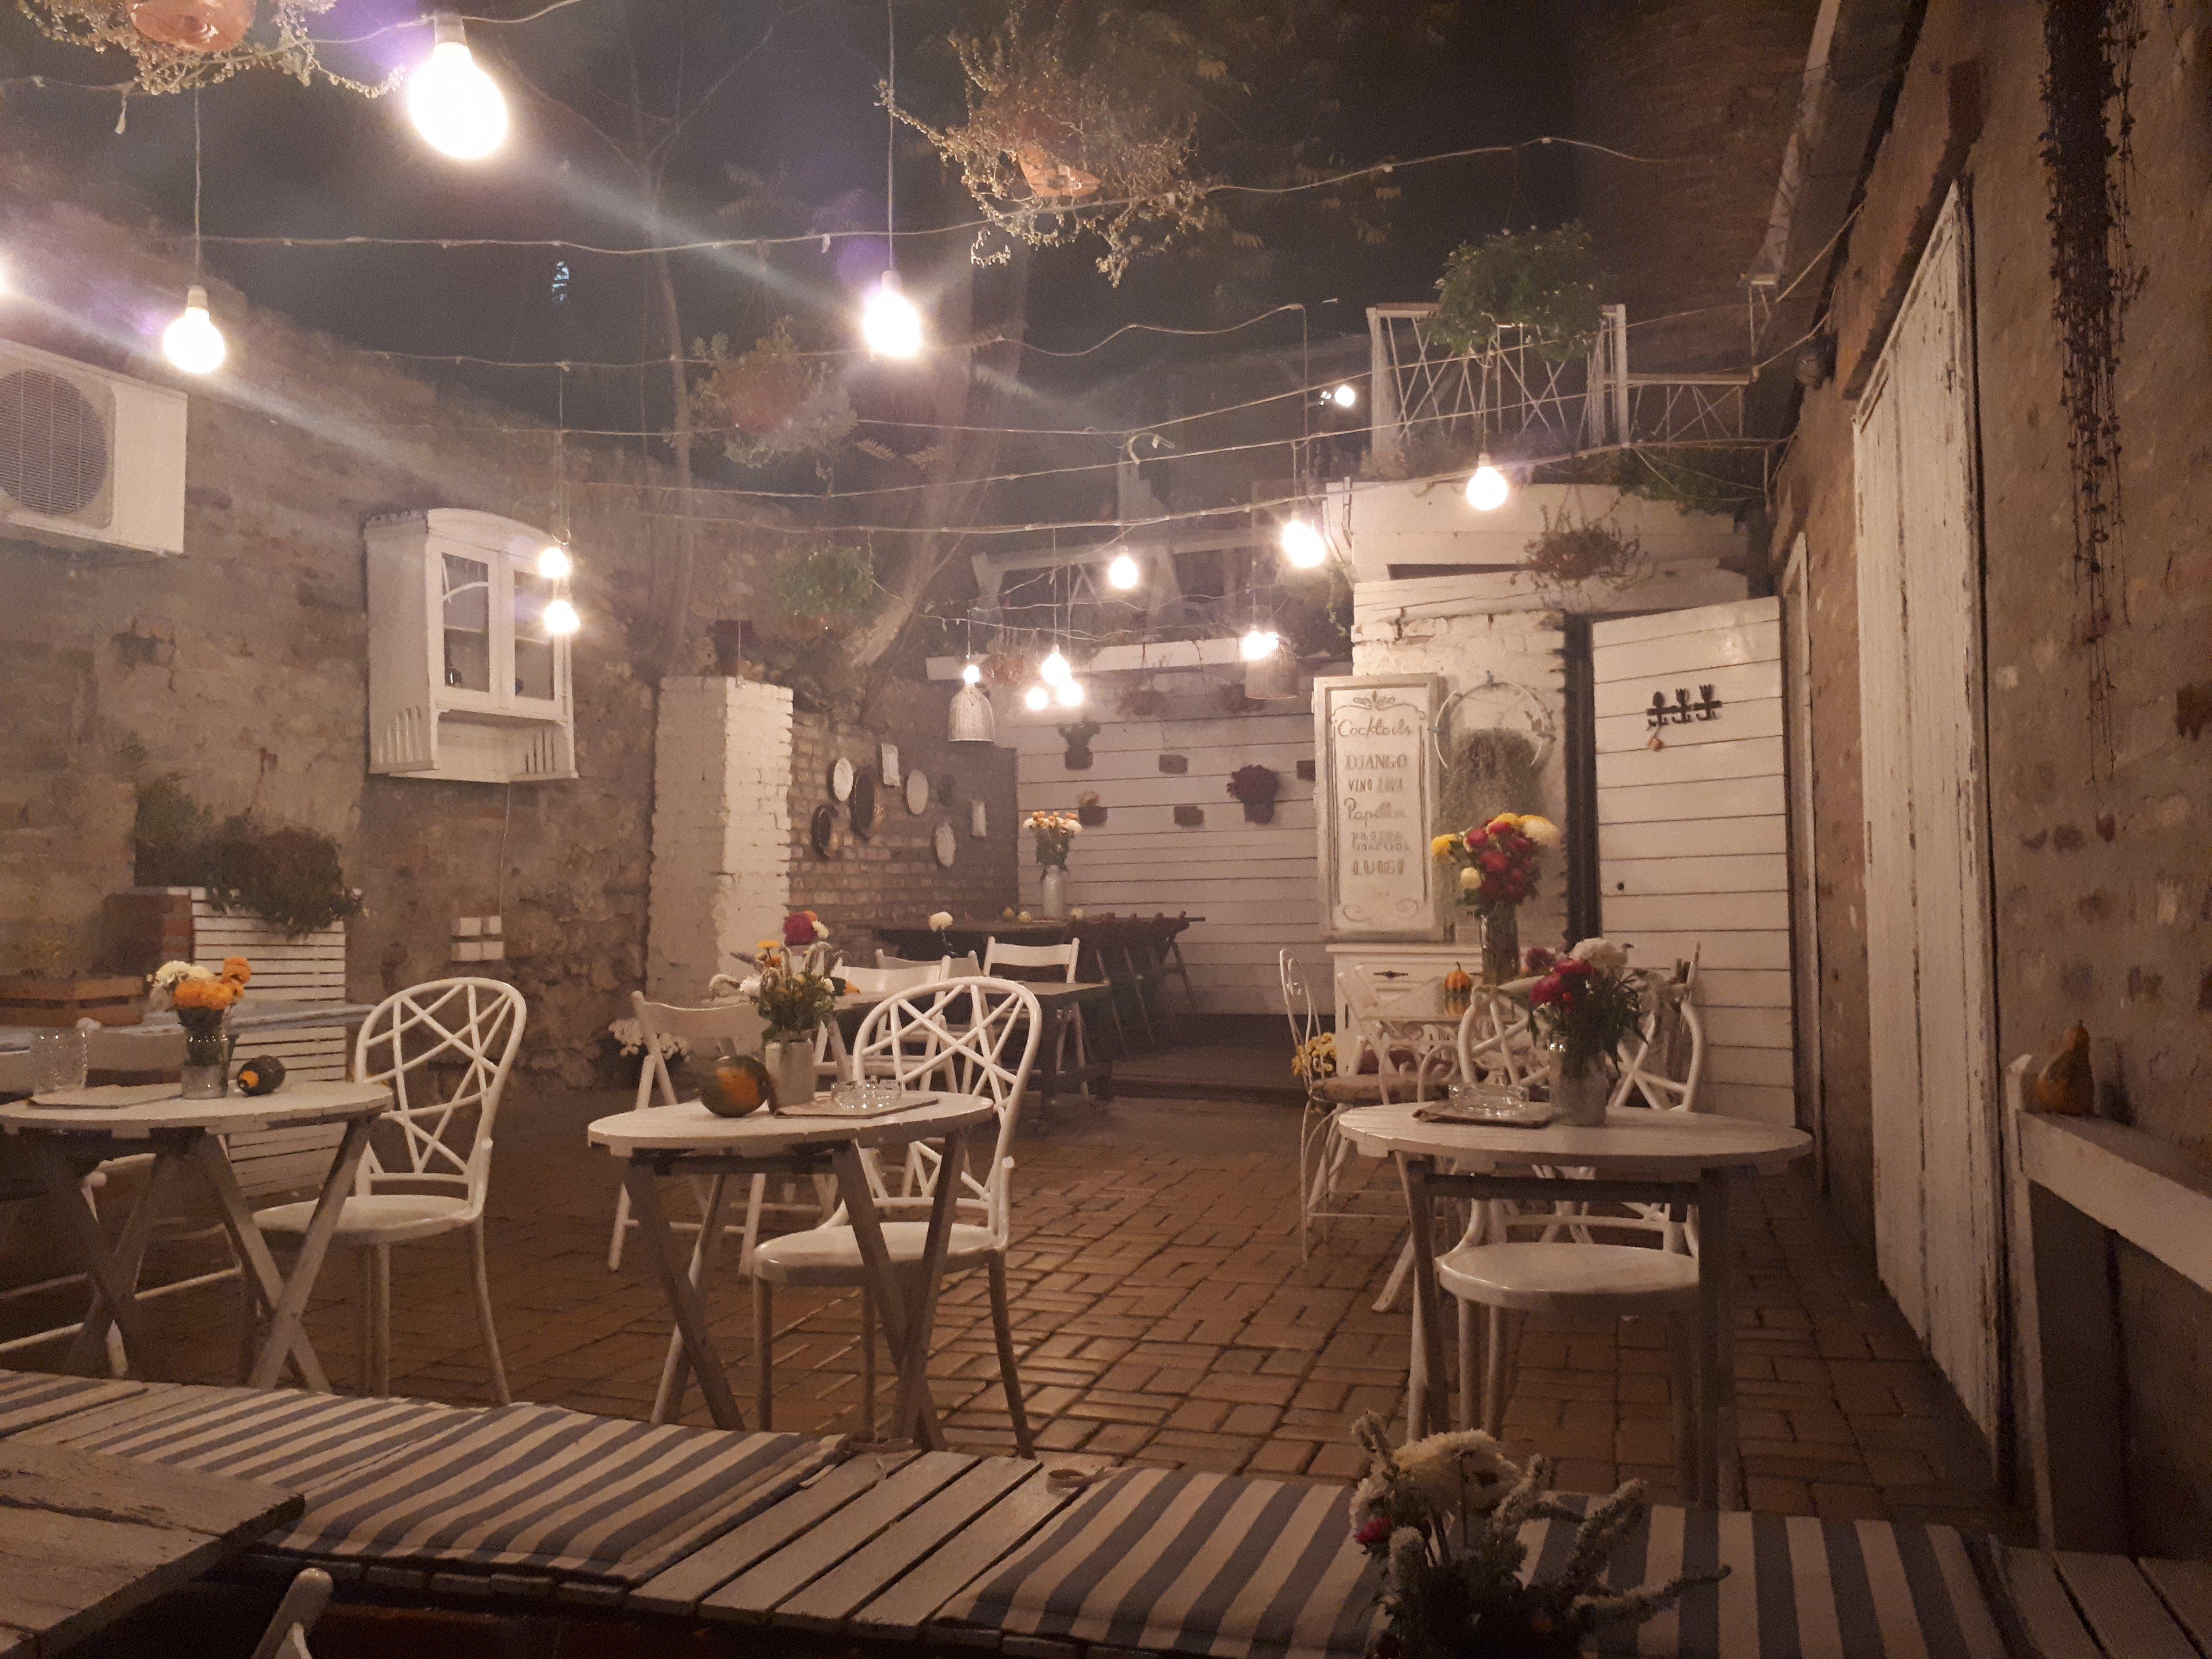 belgrade jazz bar